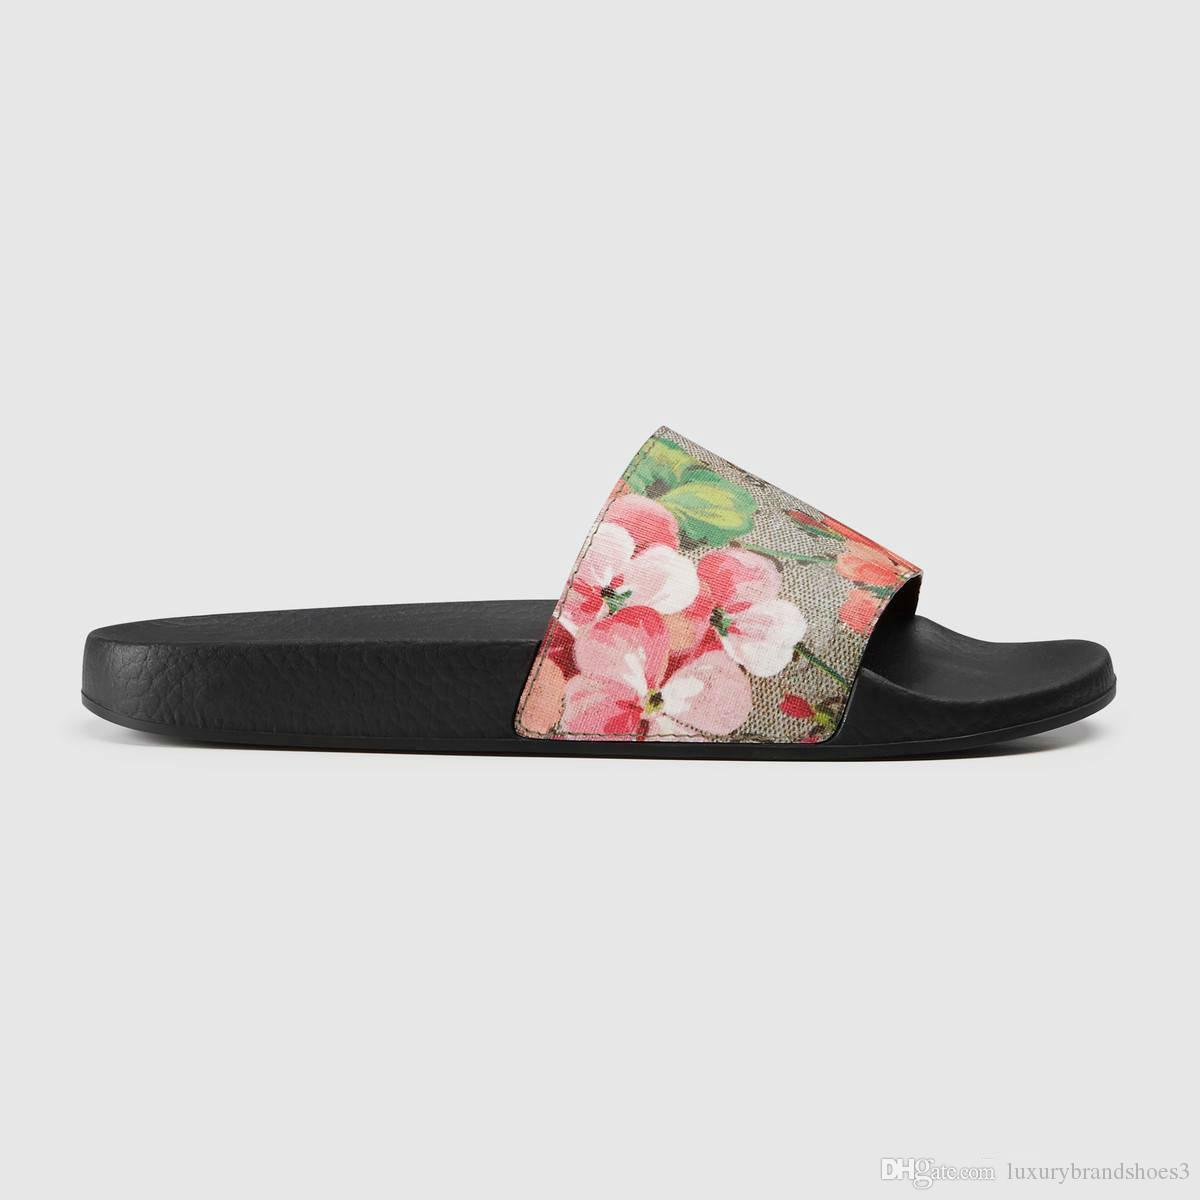 2020 Designer Homens Mulheres Sandals com Correct saco de poeira Box Flor Shoes snake print slides Verão larga e plana Sandals Slipper